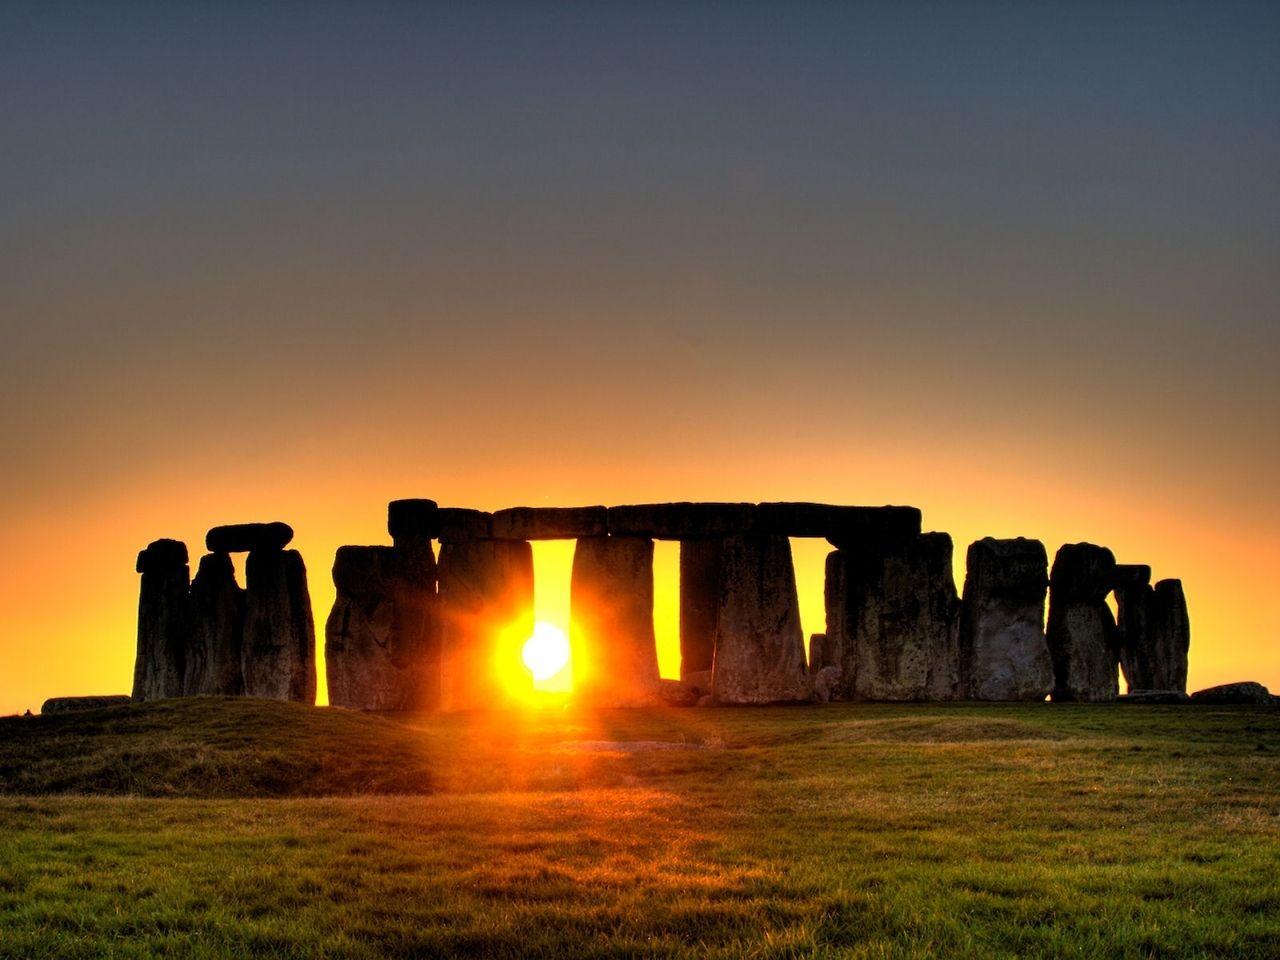 Bildergebnis für tumblr bilder stonehenge